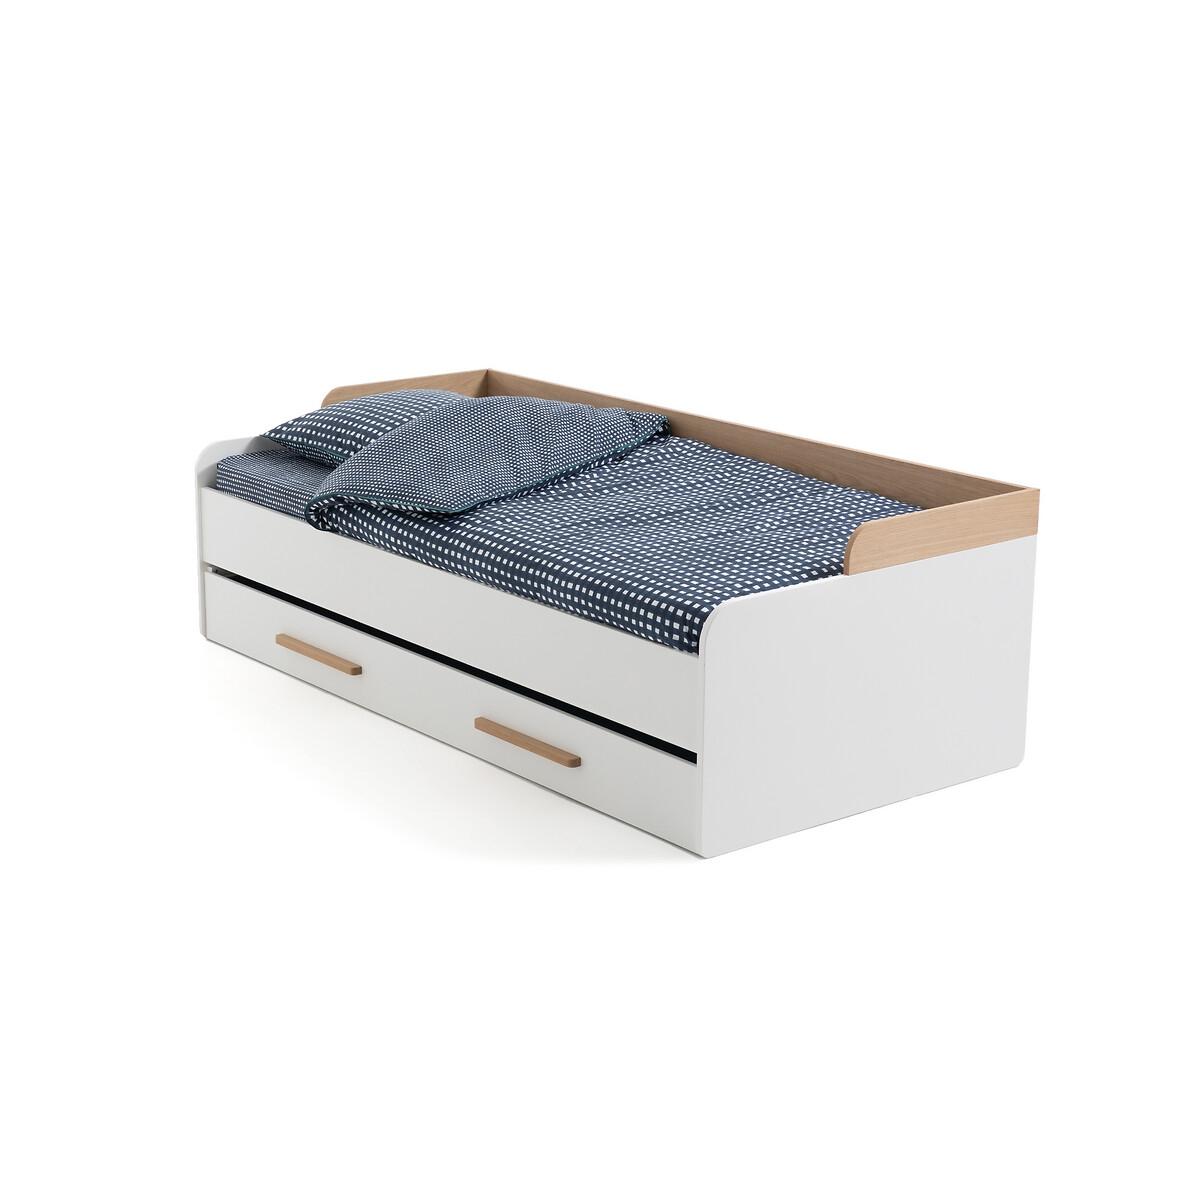 Кровать-кушетка LaRedoute Раздвижная с основанием Arturo 90 x 190 см белый кровать laredoute с ящиком отделениями для вещей и кроватным основанием yann 90 x 190 см белый